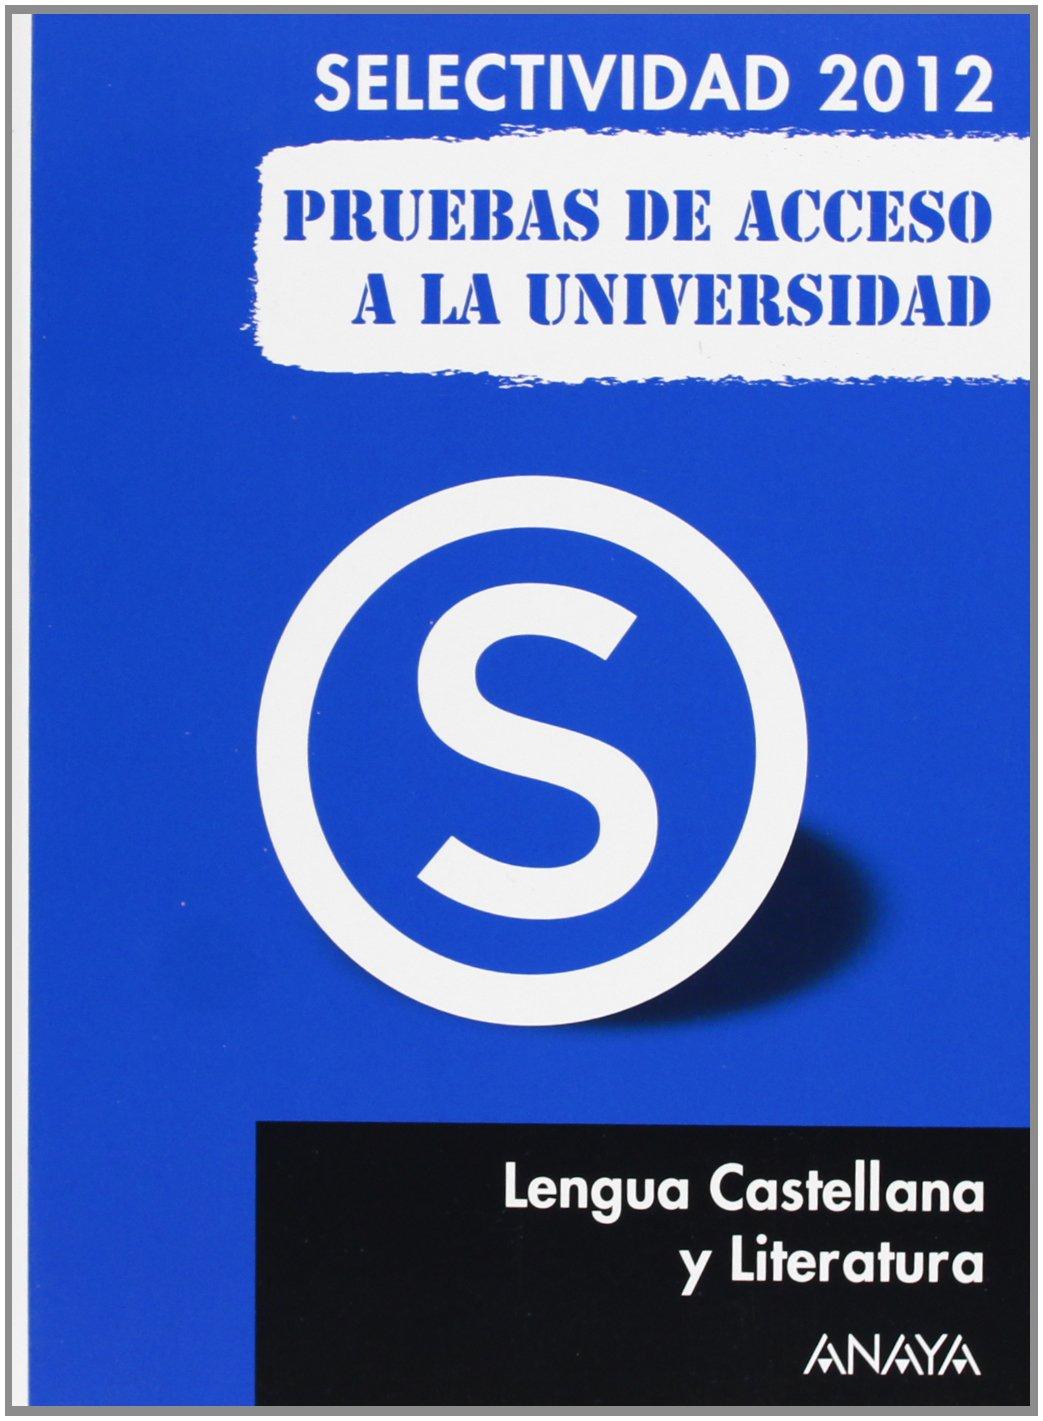 Lengua Castellana y Literatura. Pruebas de Acceso a la Universidad. Selectividad/PAU 2012: Amazon.es: Luna Fernández, Remedios: Libros